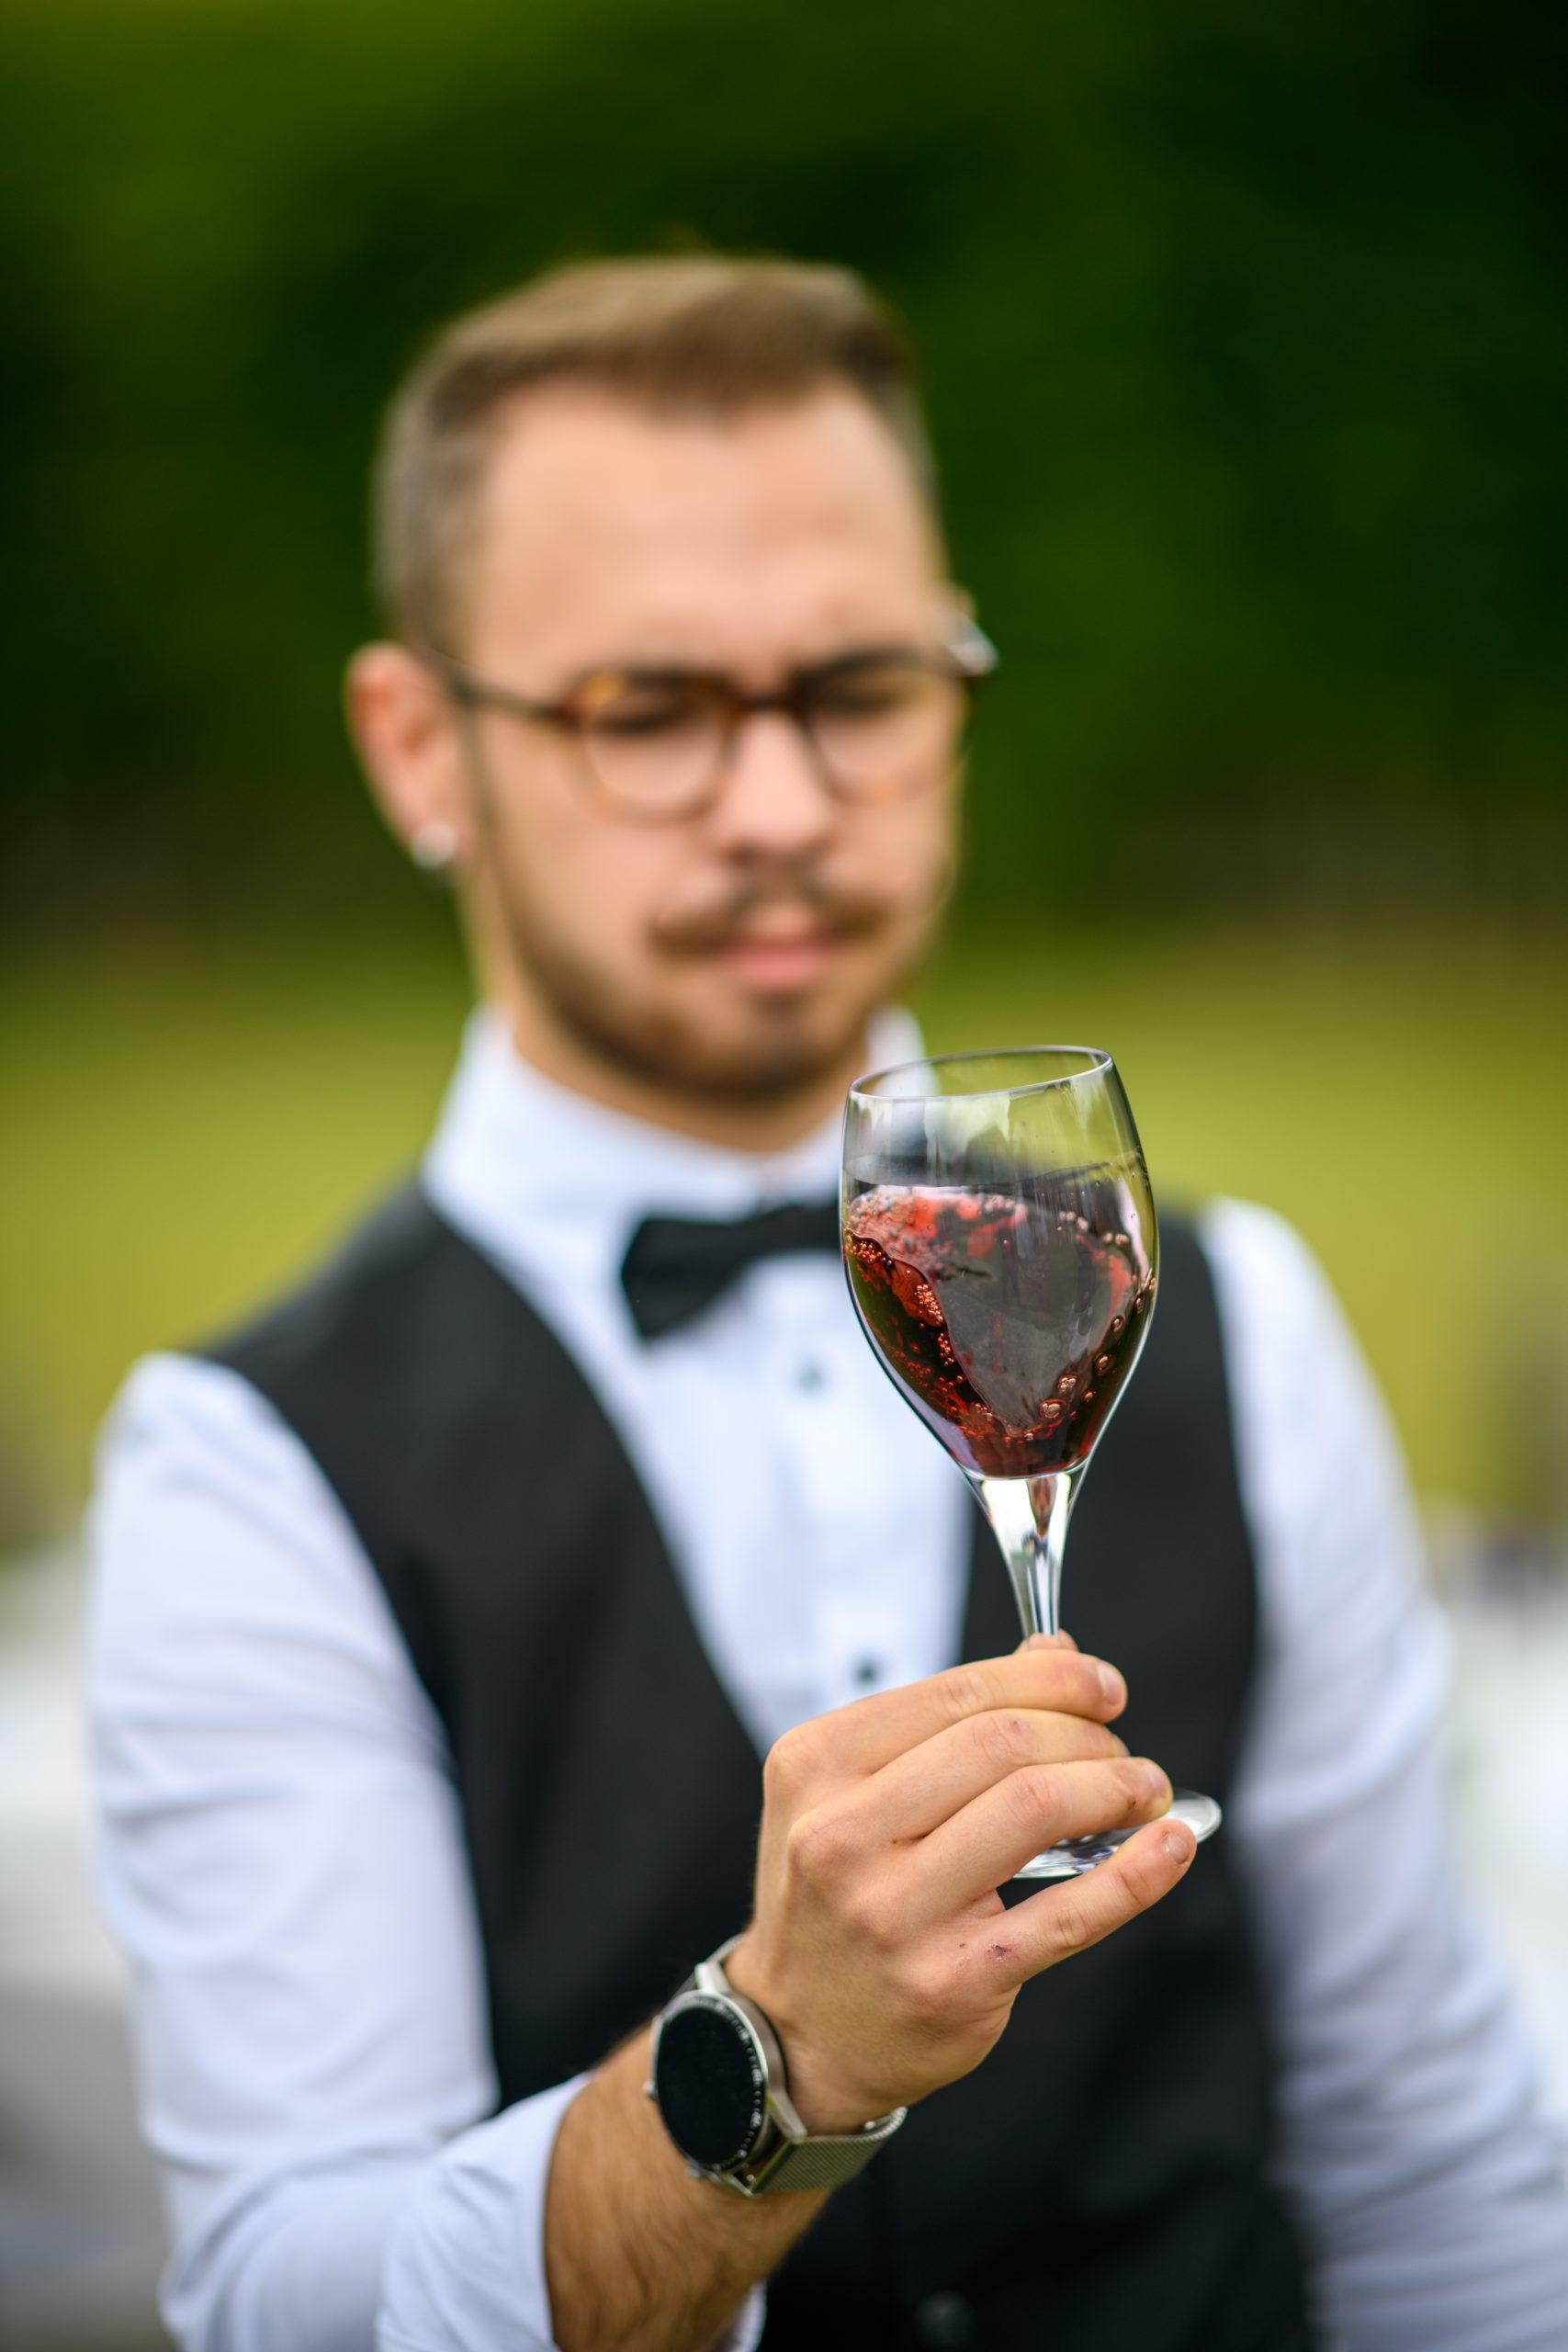 Un sommelier fait tourner un vin rouge dans son verre